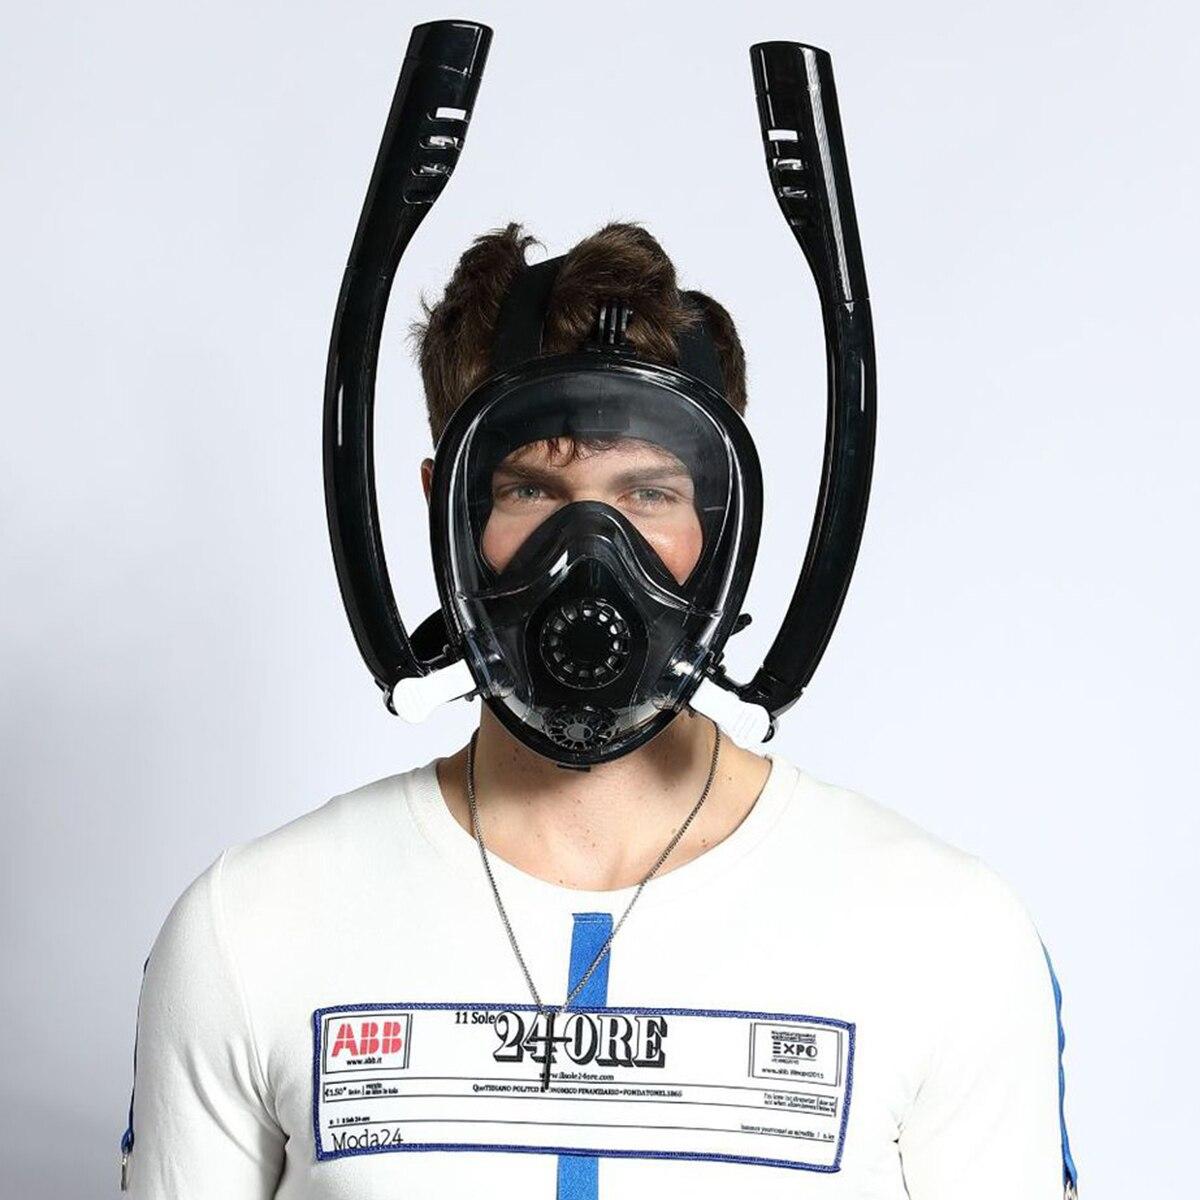 2019 nouveau Design Double tube de respiration masque de natation masque de plongée complet Anti-buée Anti-fuite pour GoPro adultes enfants masque de plongée